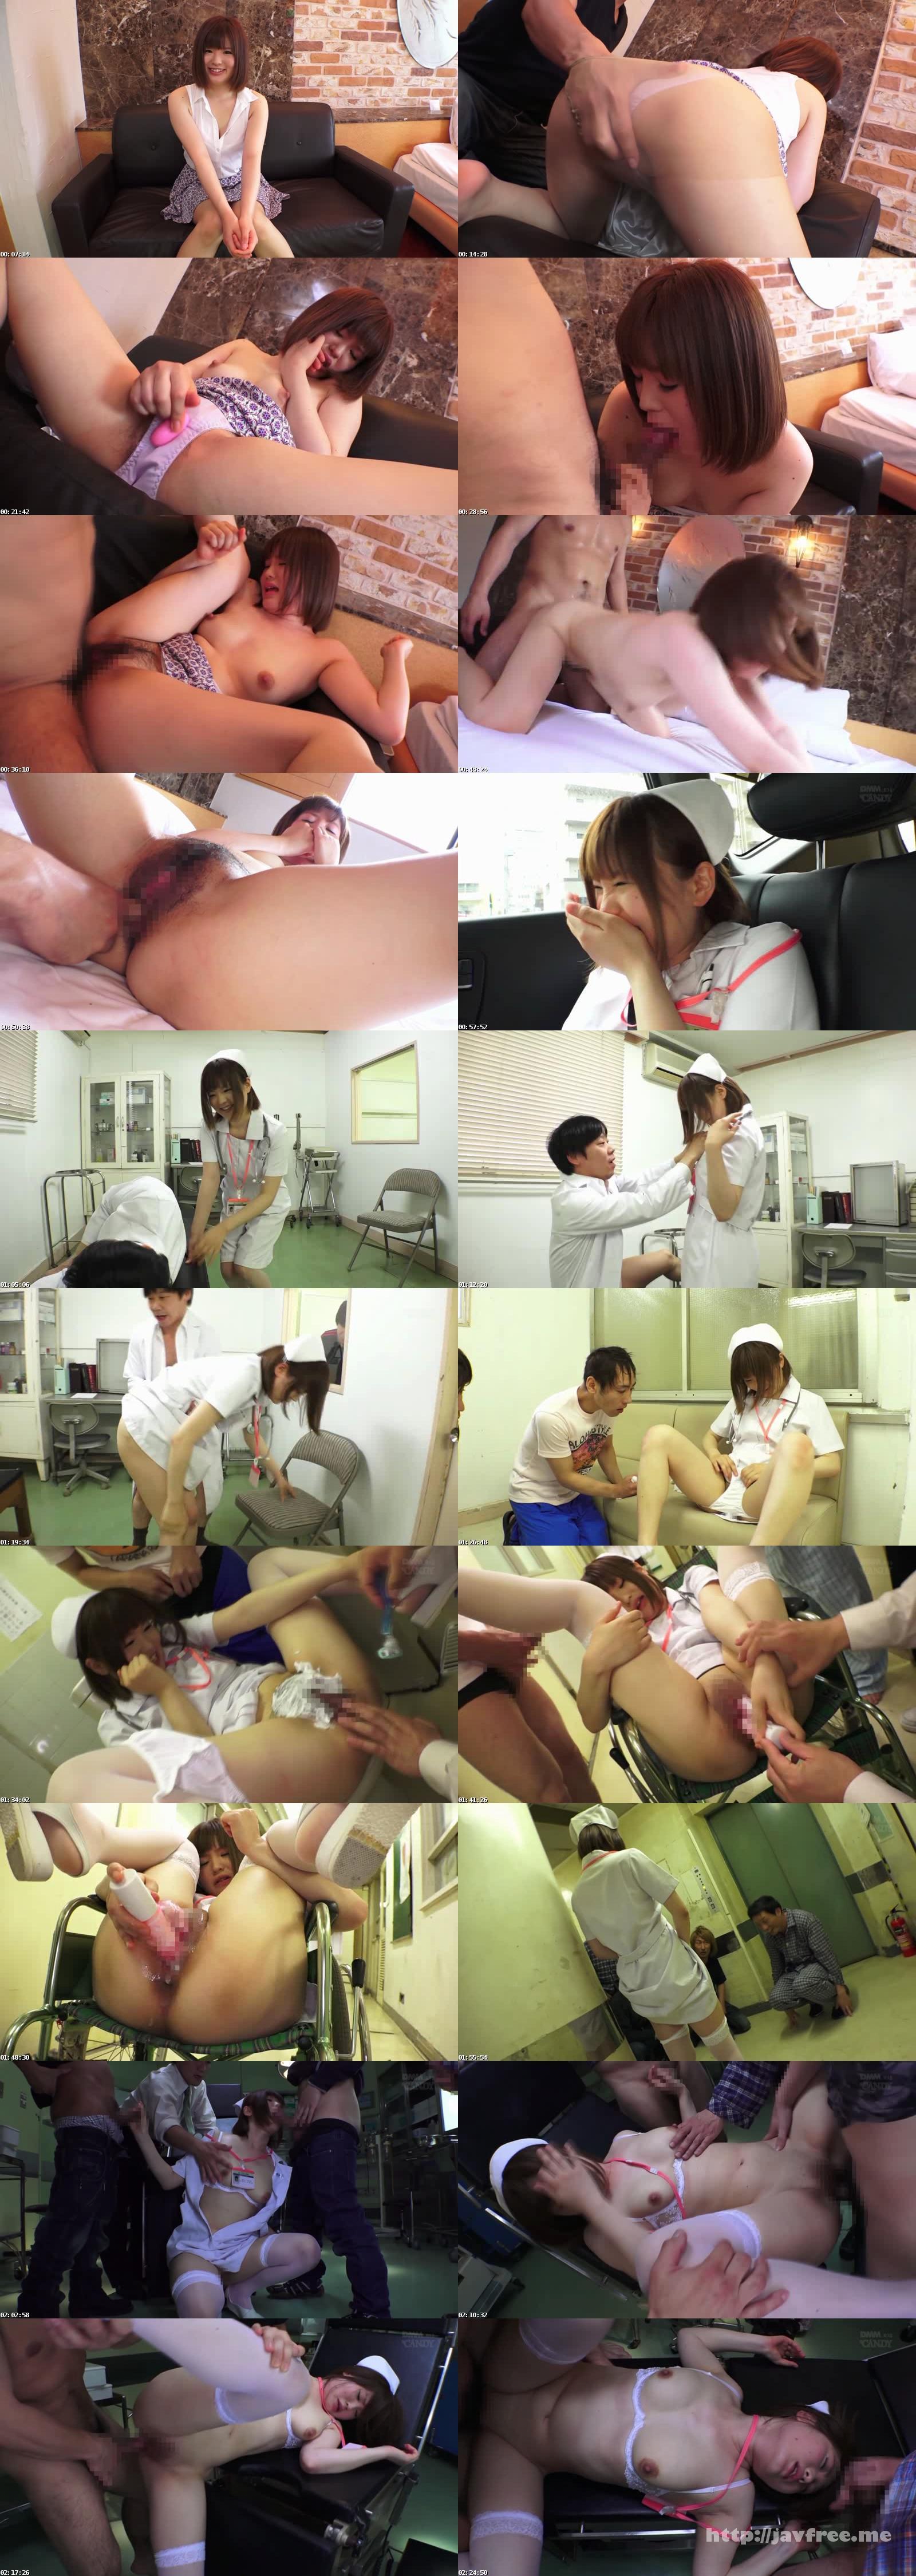 [CND 109] 押しに弱すぎ現役看護師 デビュー2作目で本物中出し解禁!! かのんこゆる かのんこゆる CND